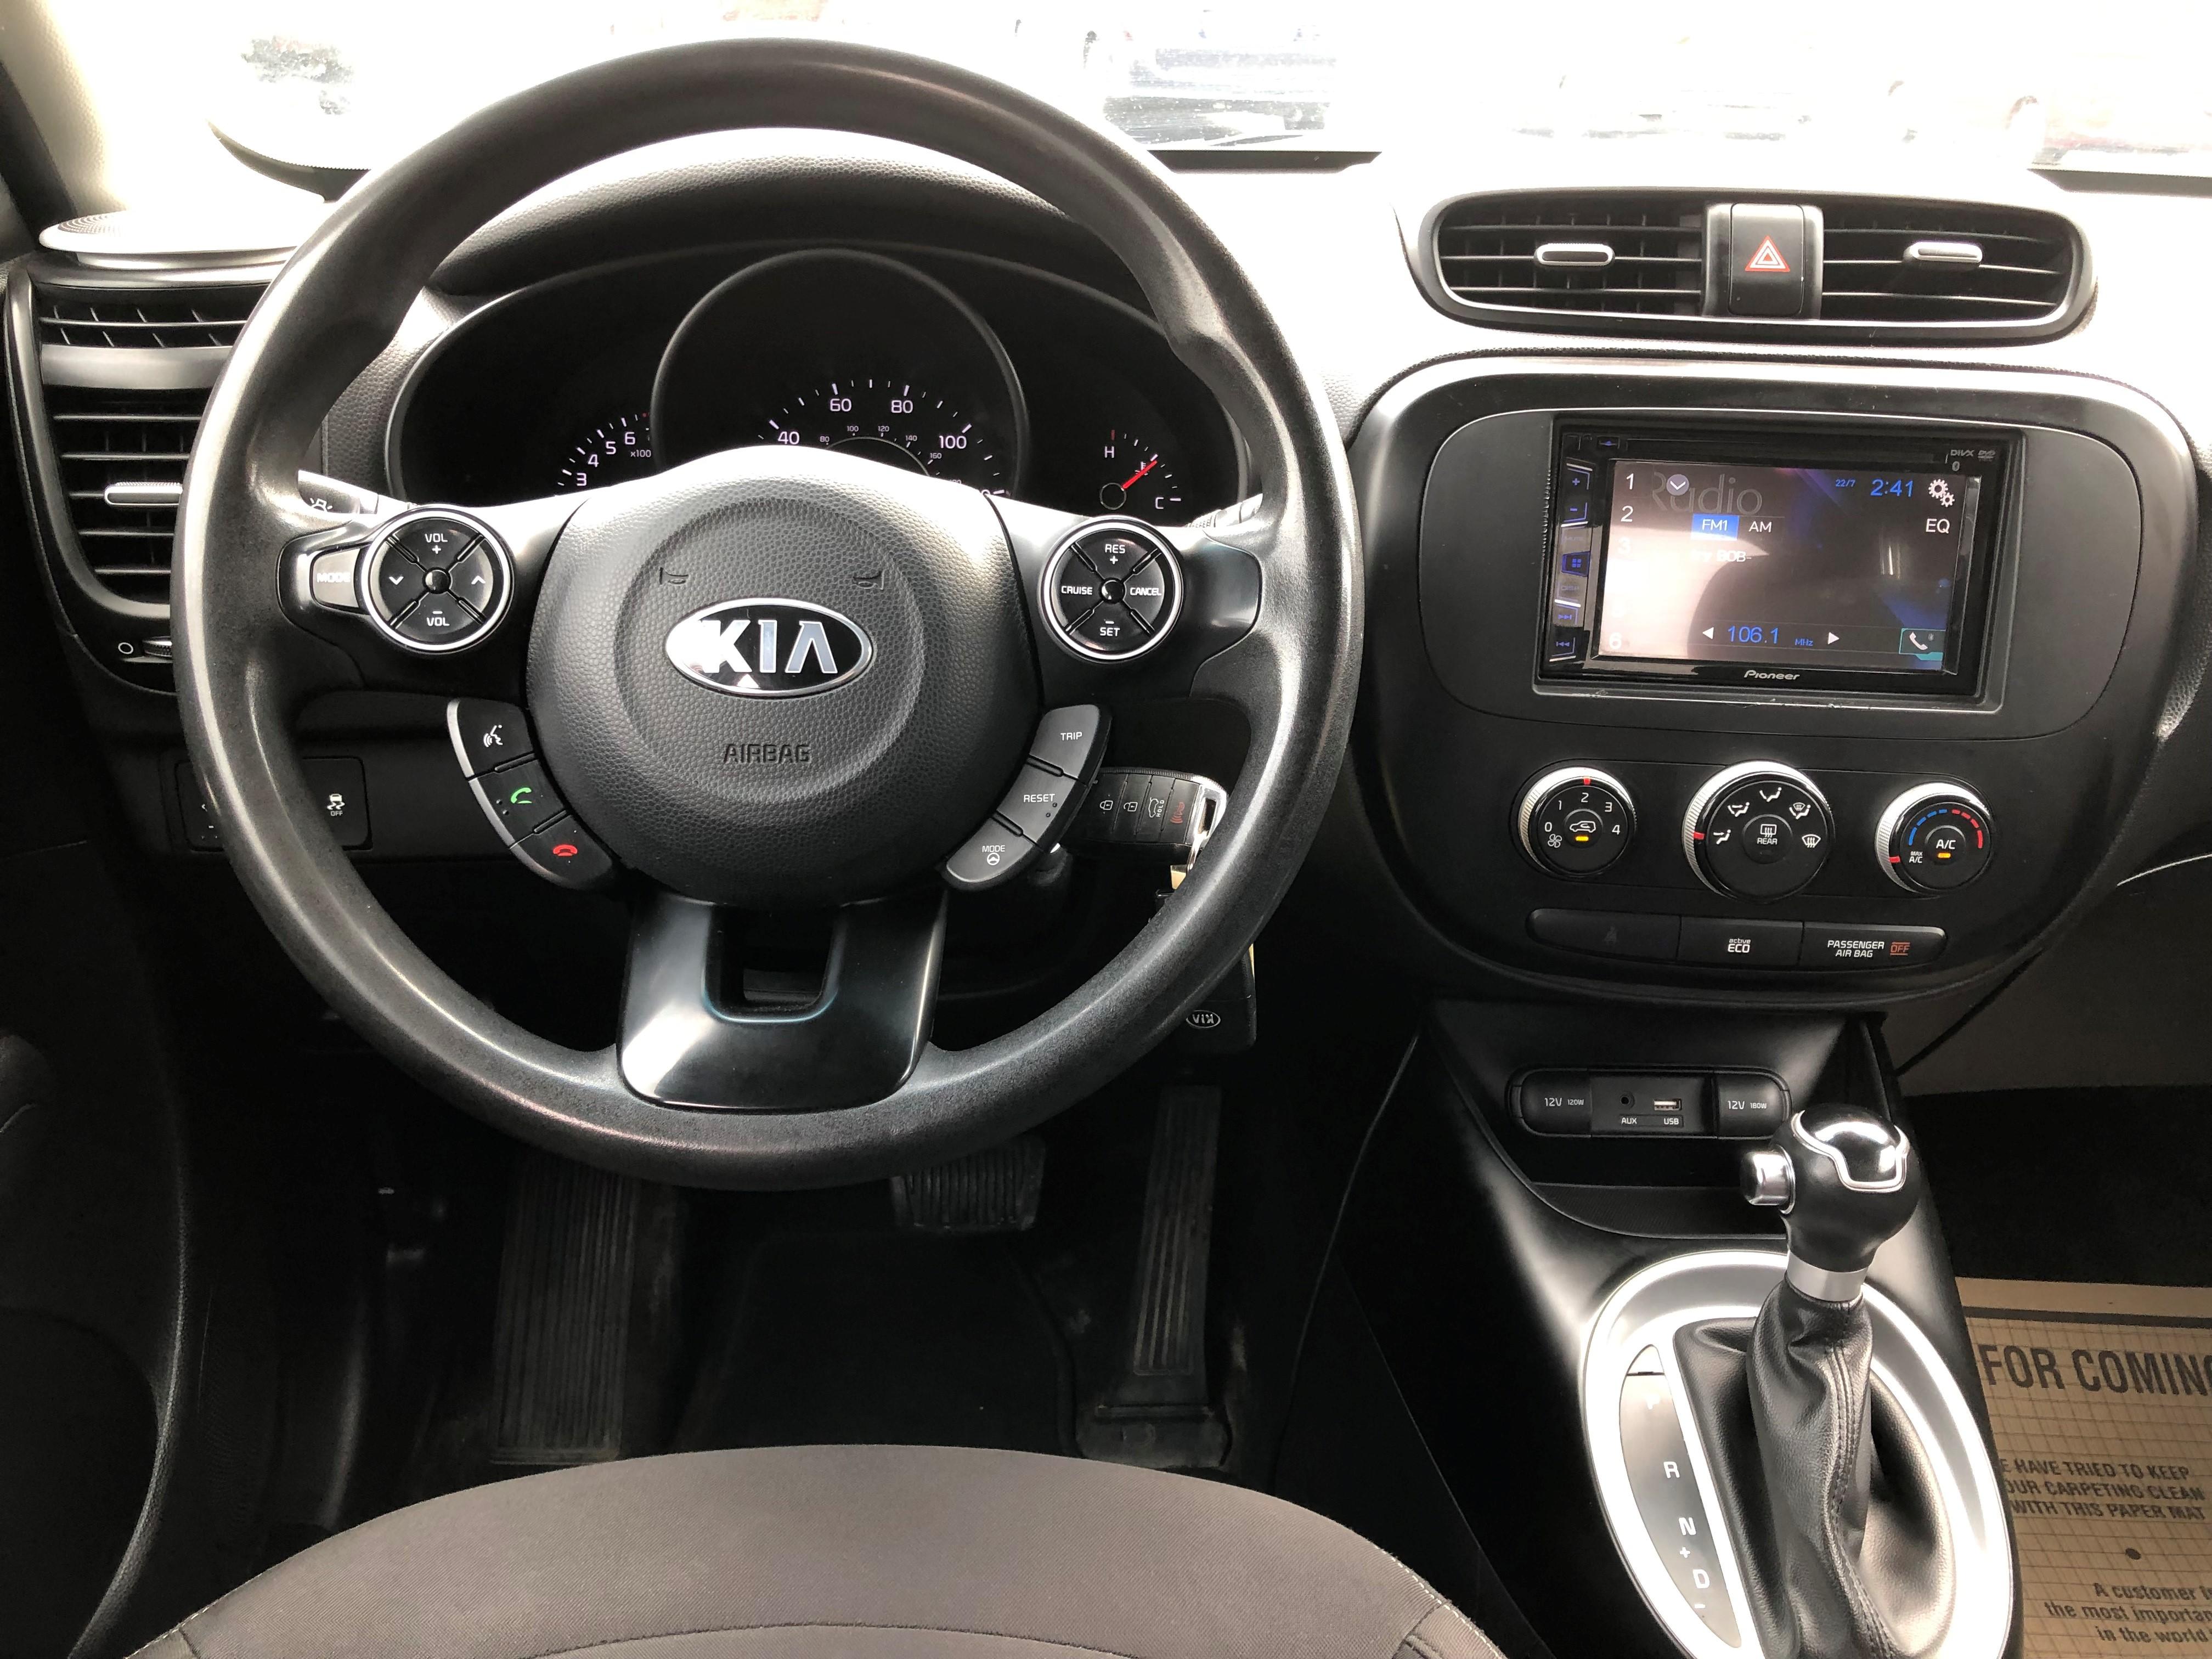 used vehicle - Sedan KIA SOUL 2016